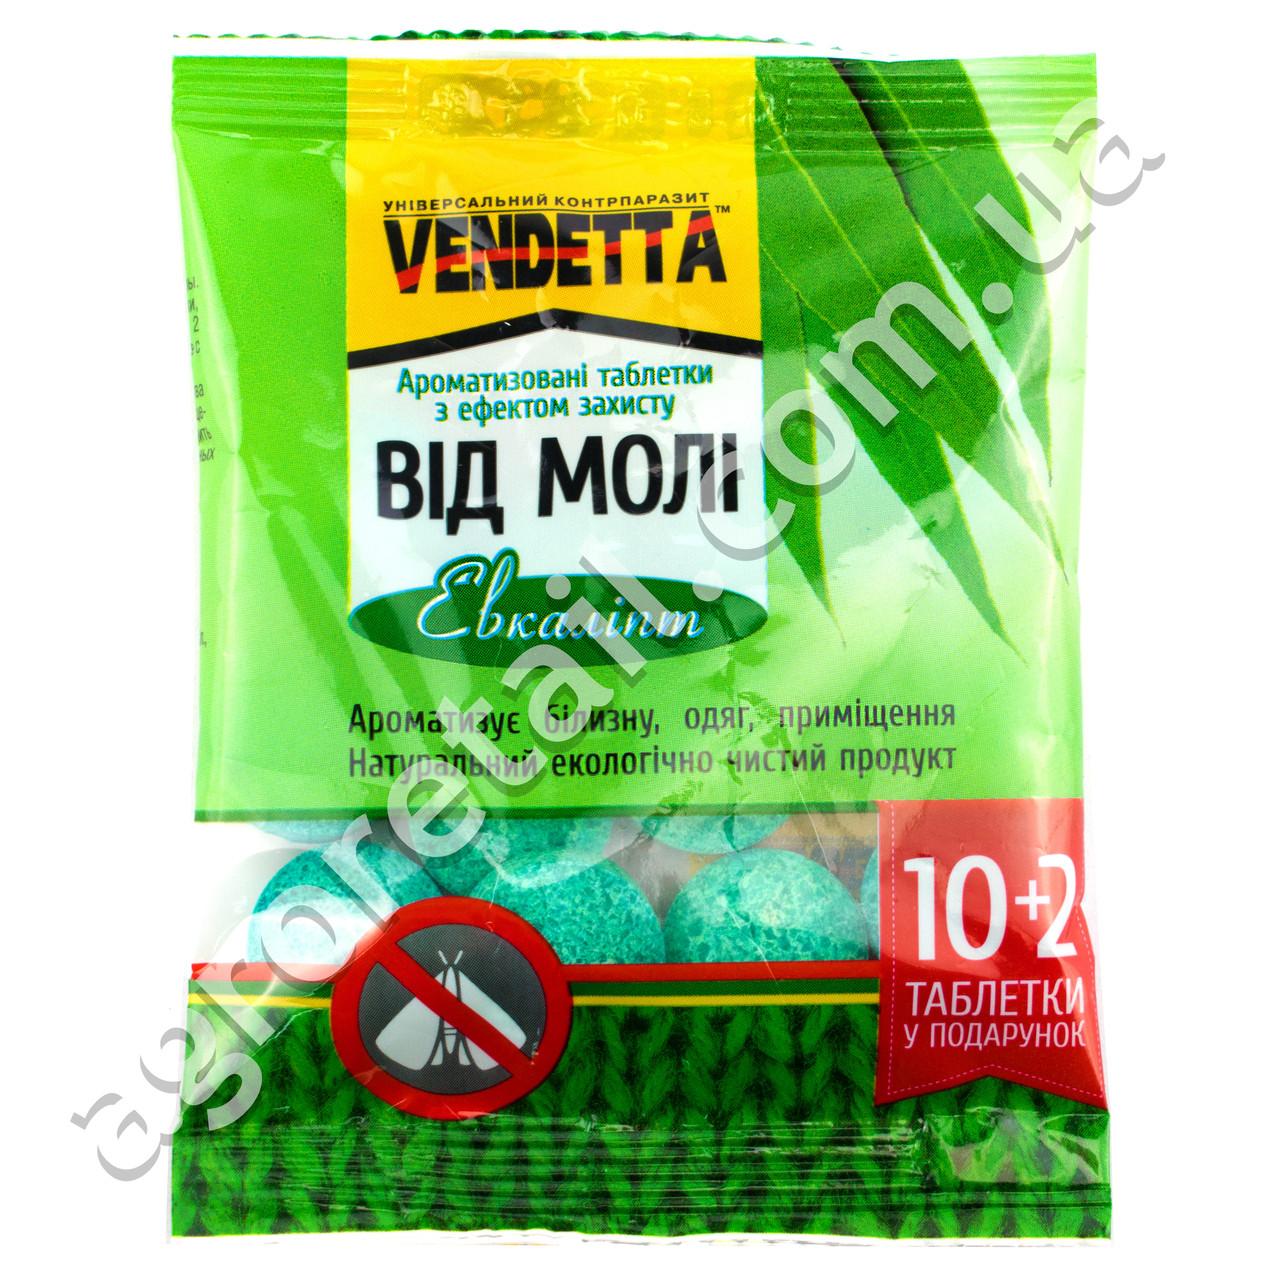 Таблетки от моли с запахом эвкалипта Vendetta 12 шт